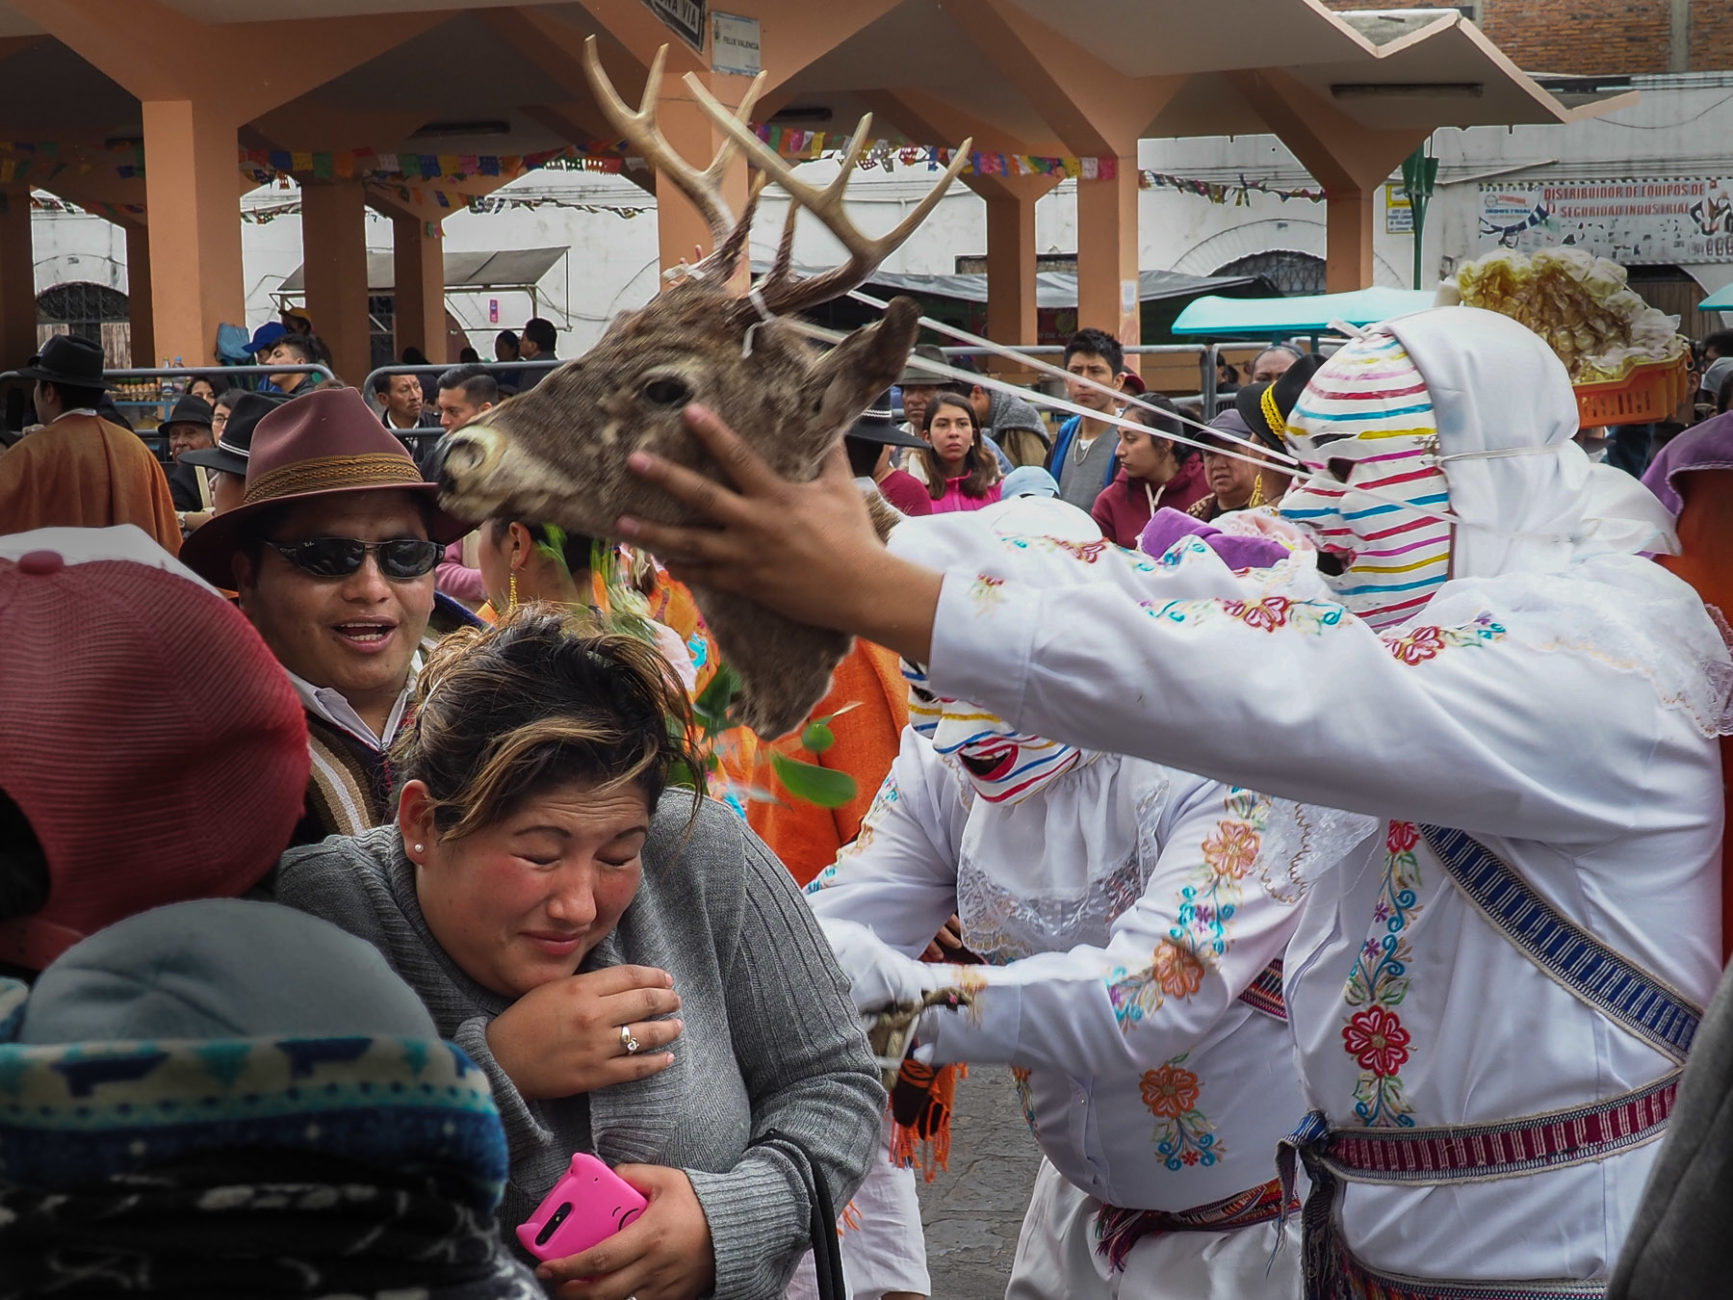 Die Guacos vertreiben mit einem Hirschkopf die bösen Geister